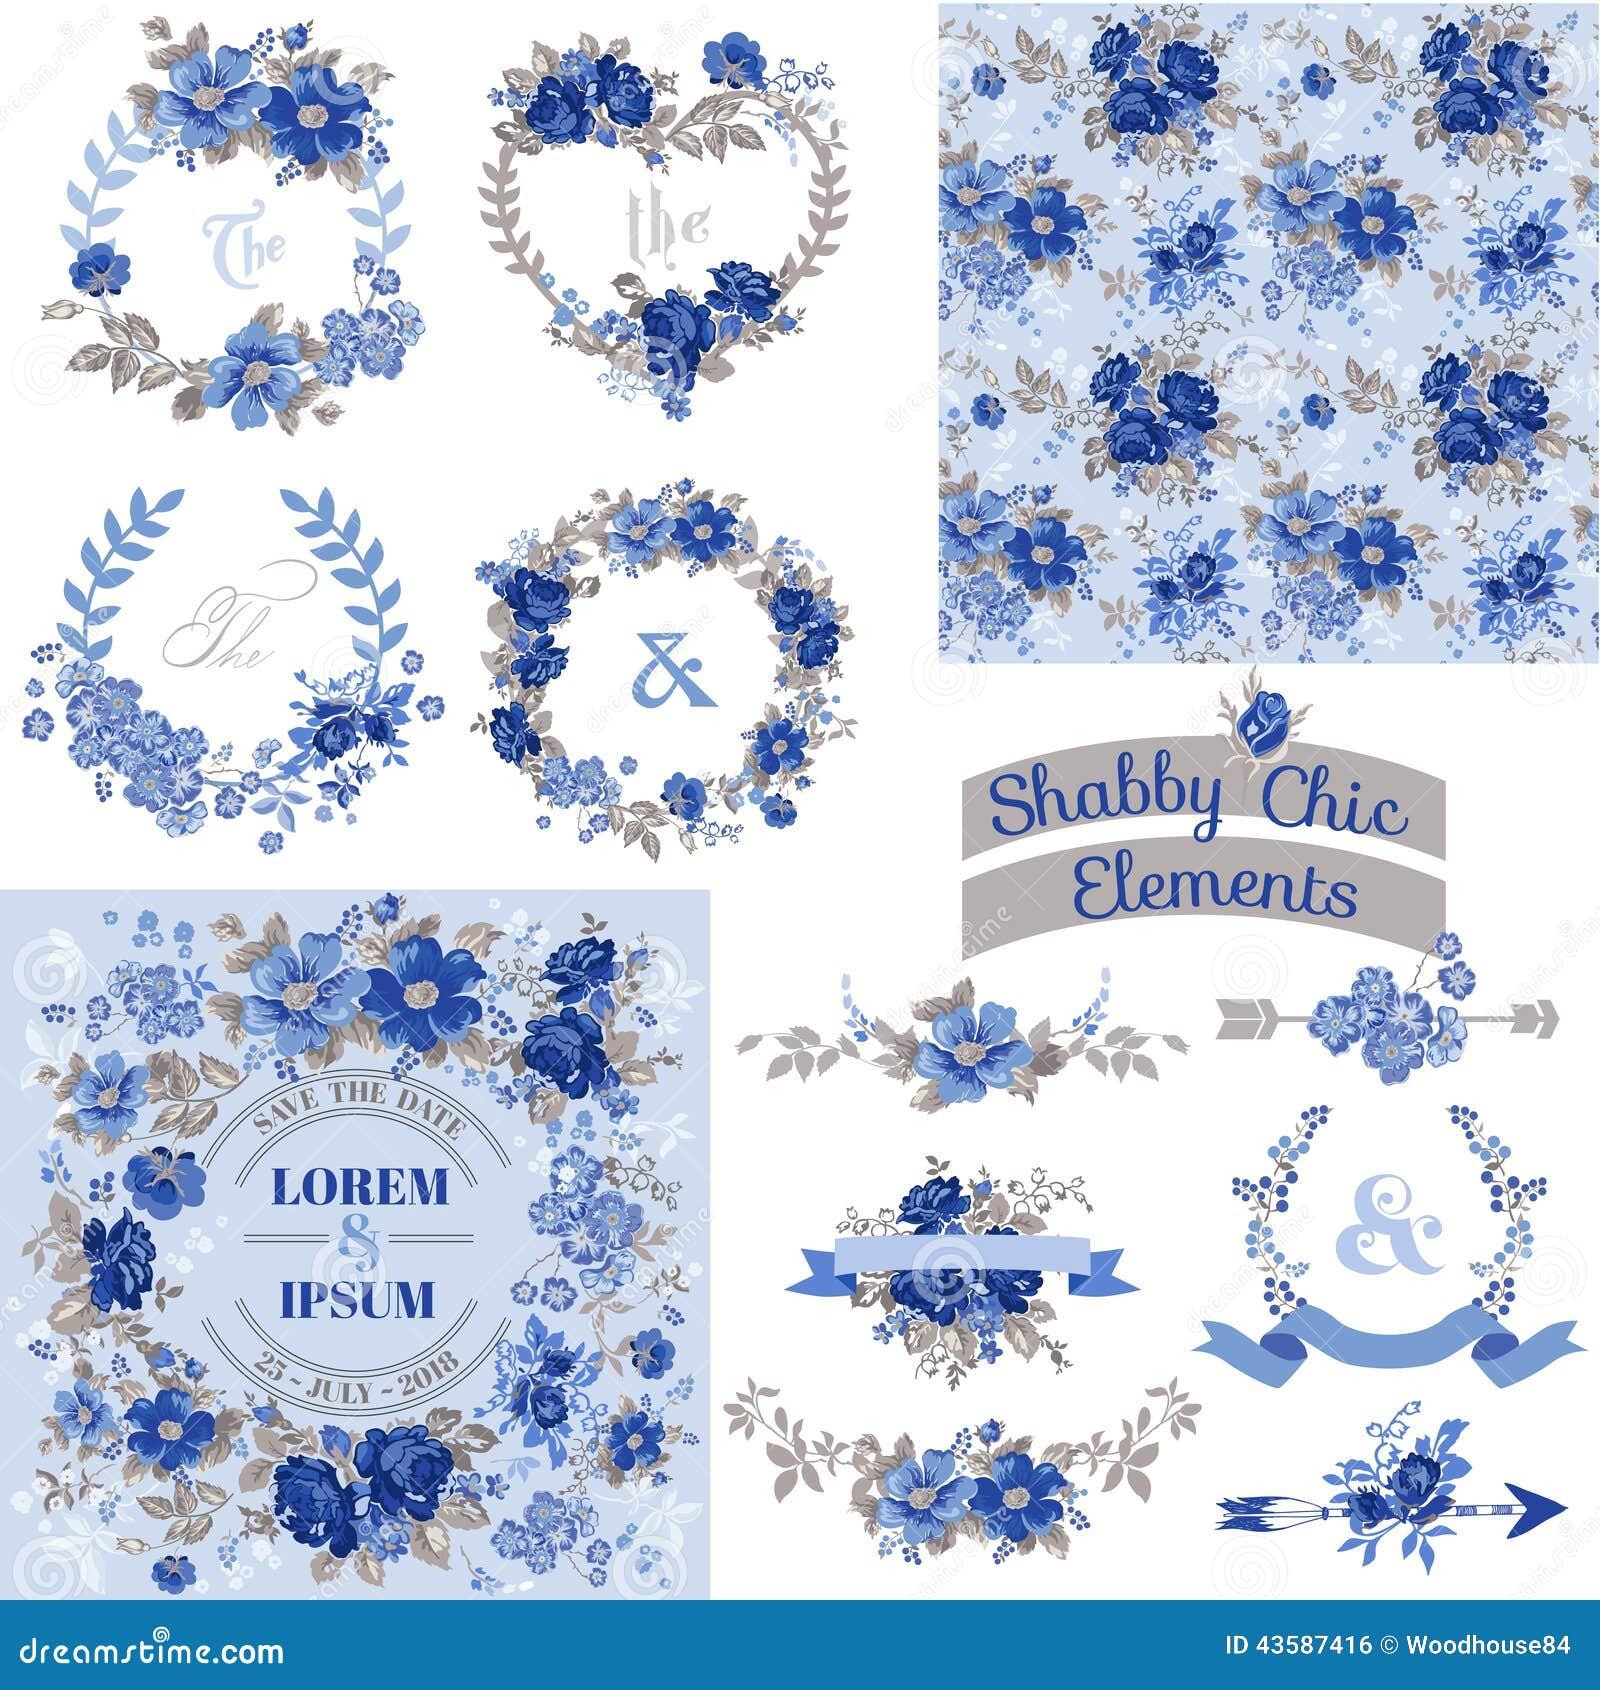 Vintage Floral Set - Frames, Ribbons, Backgrounds